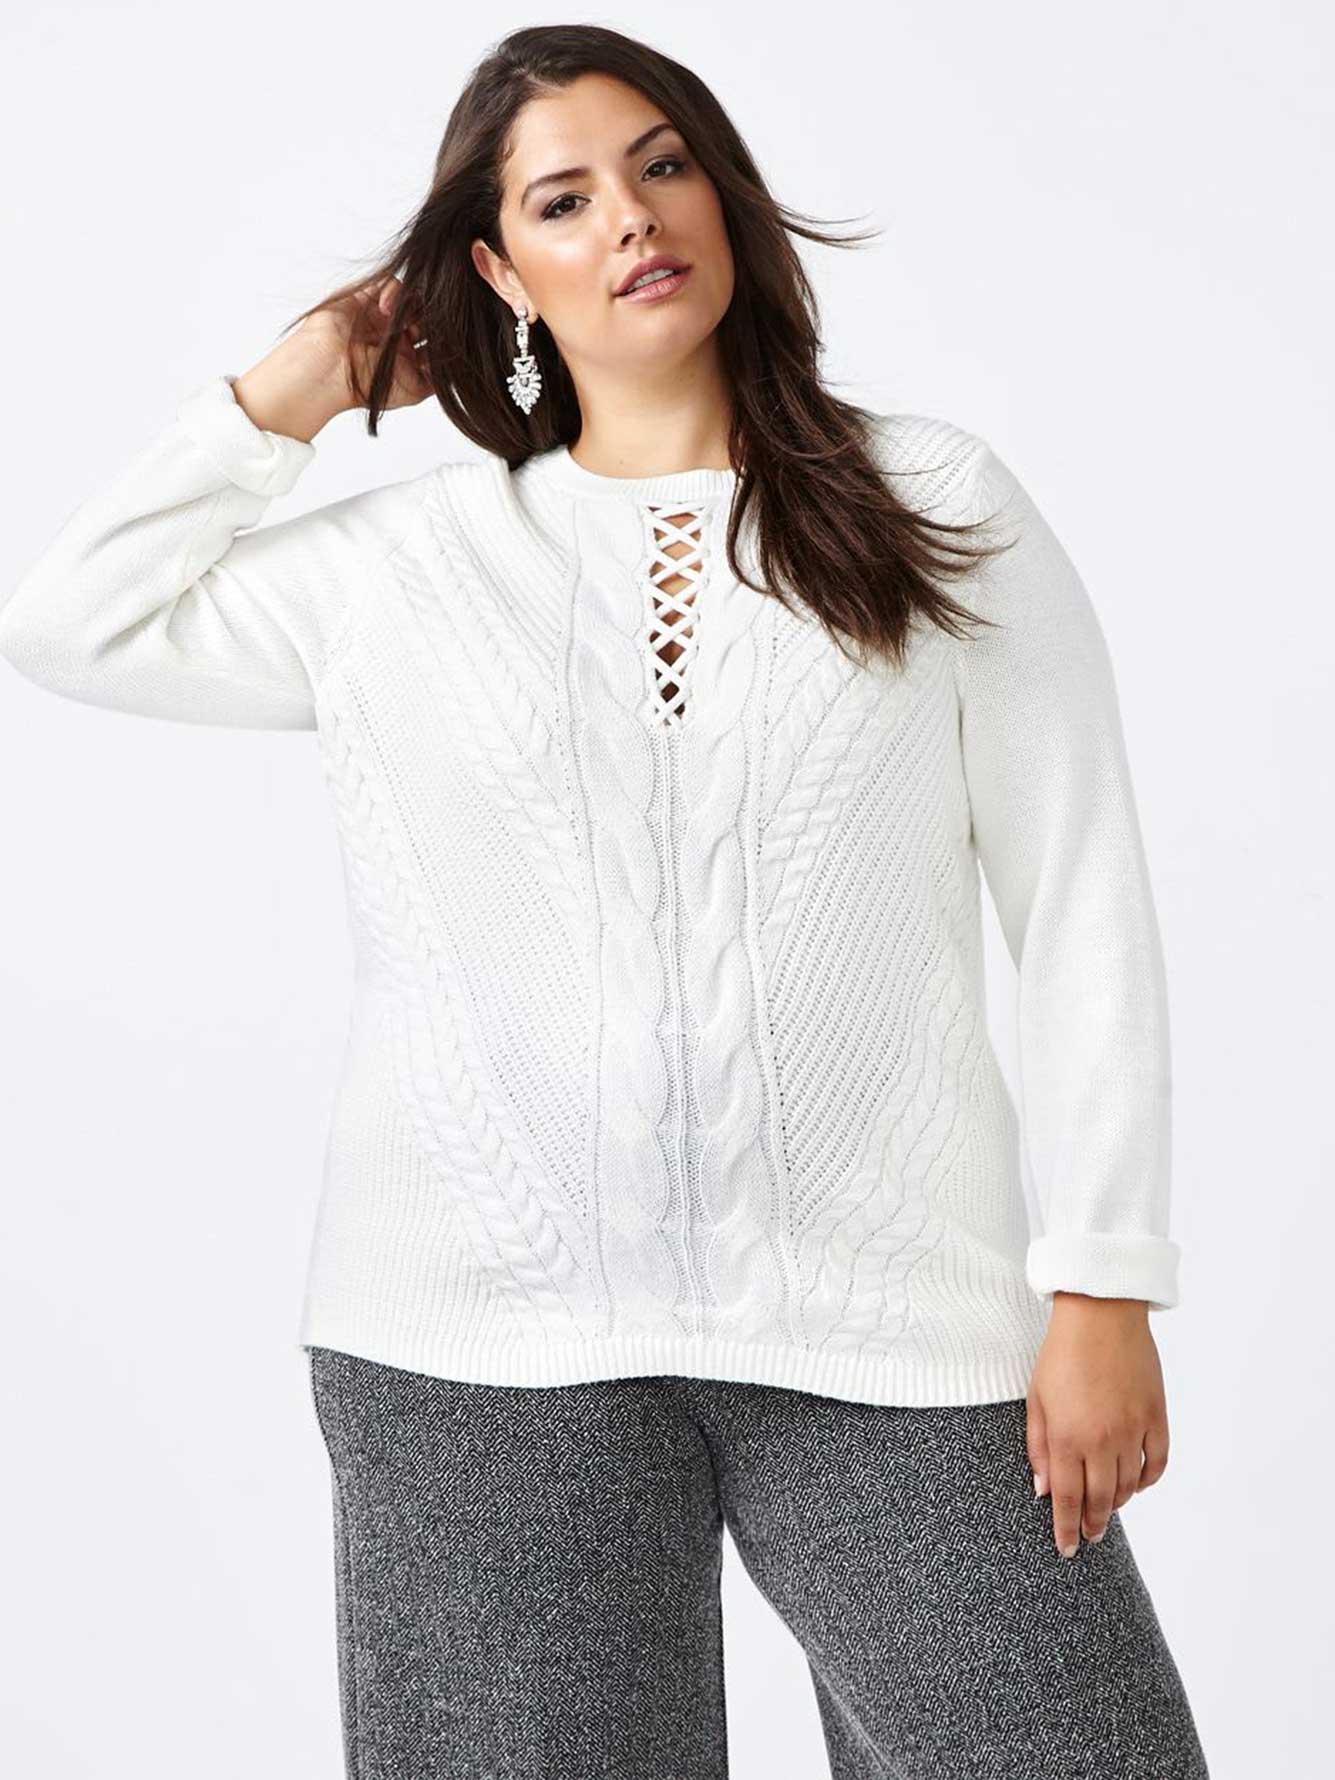 56e61eb3f0 Lace Up Patterned Sweater